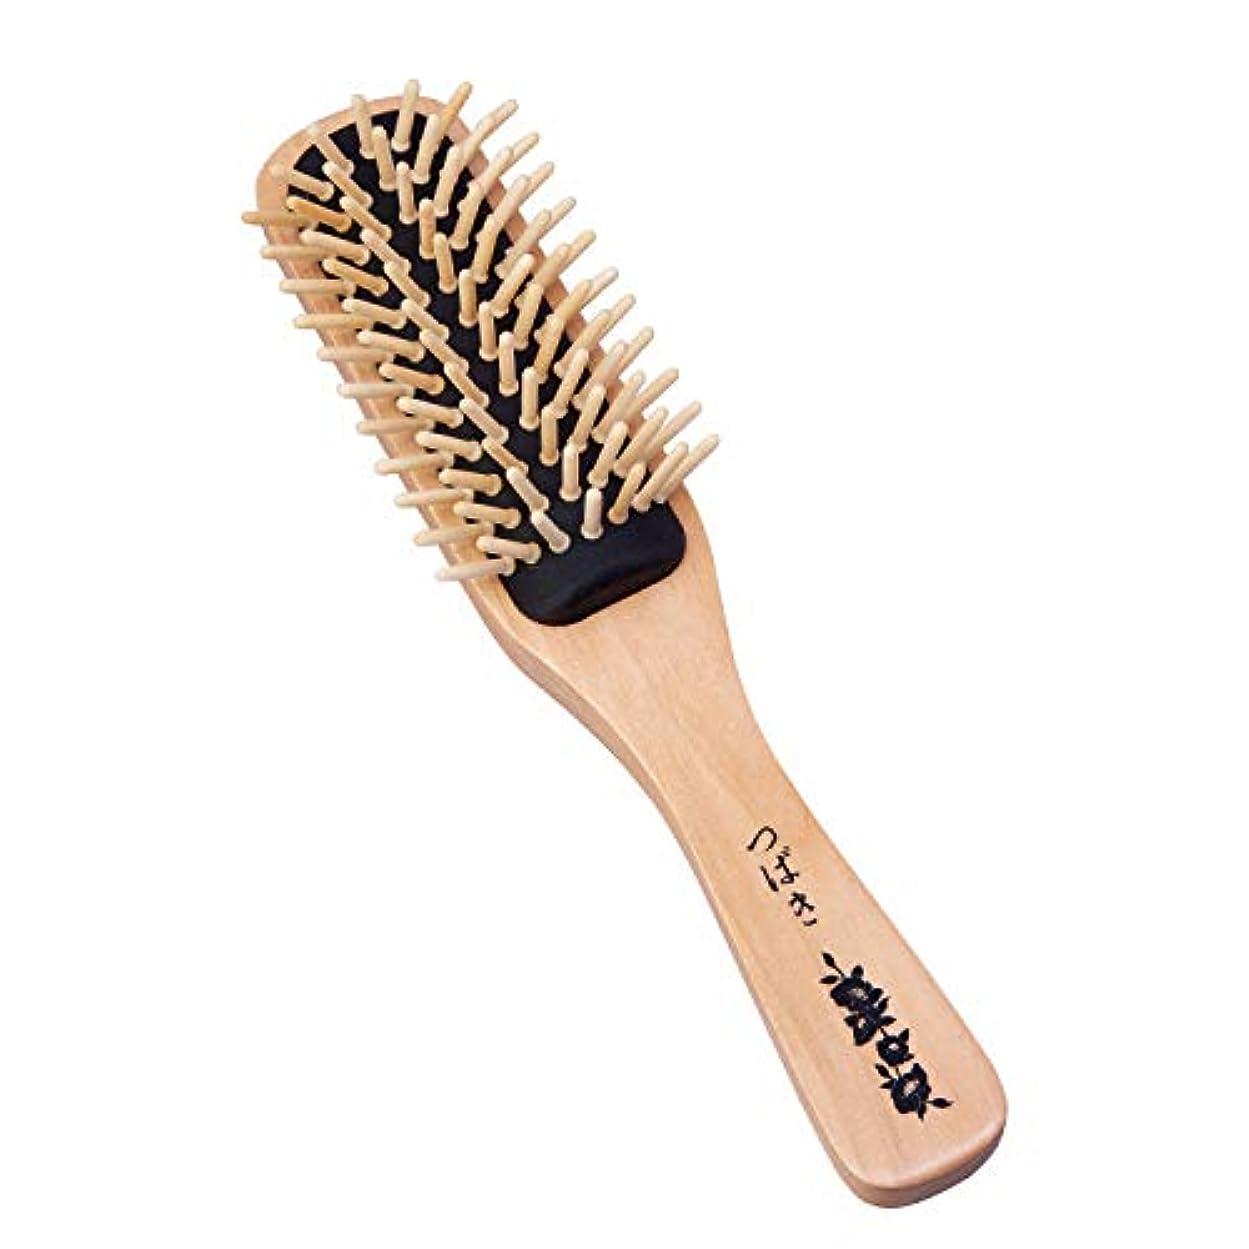 神経衰弱チャップ退屈させる椿油のつげブラシ 髪の毛 ヘアブラシ ブロー さらさら 伊豆利島産 国産